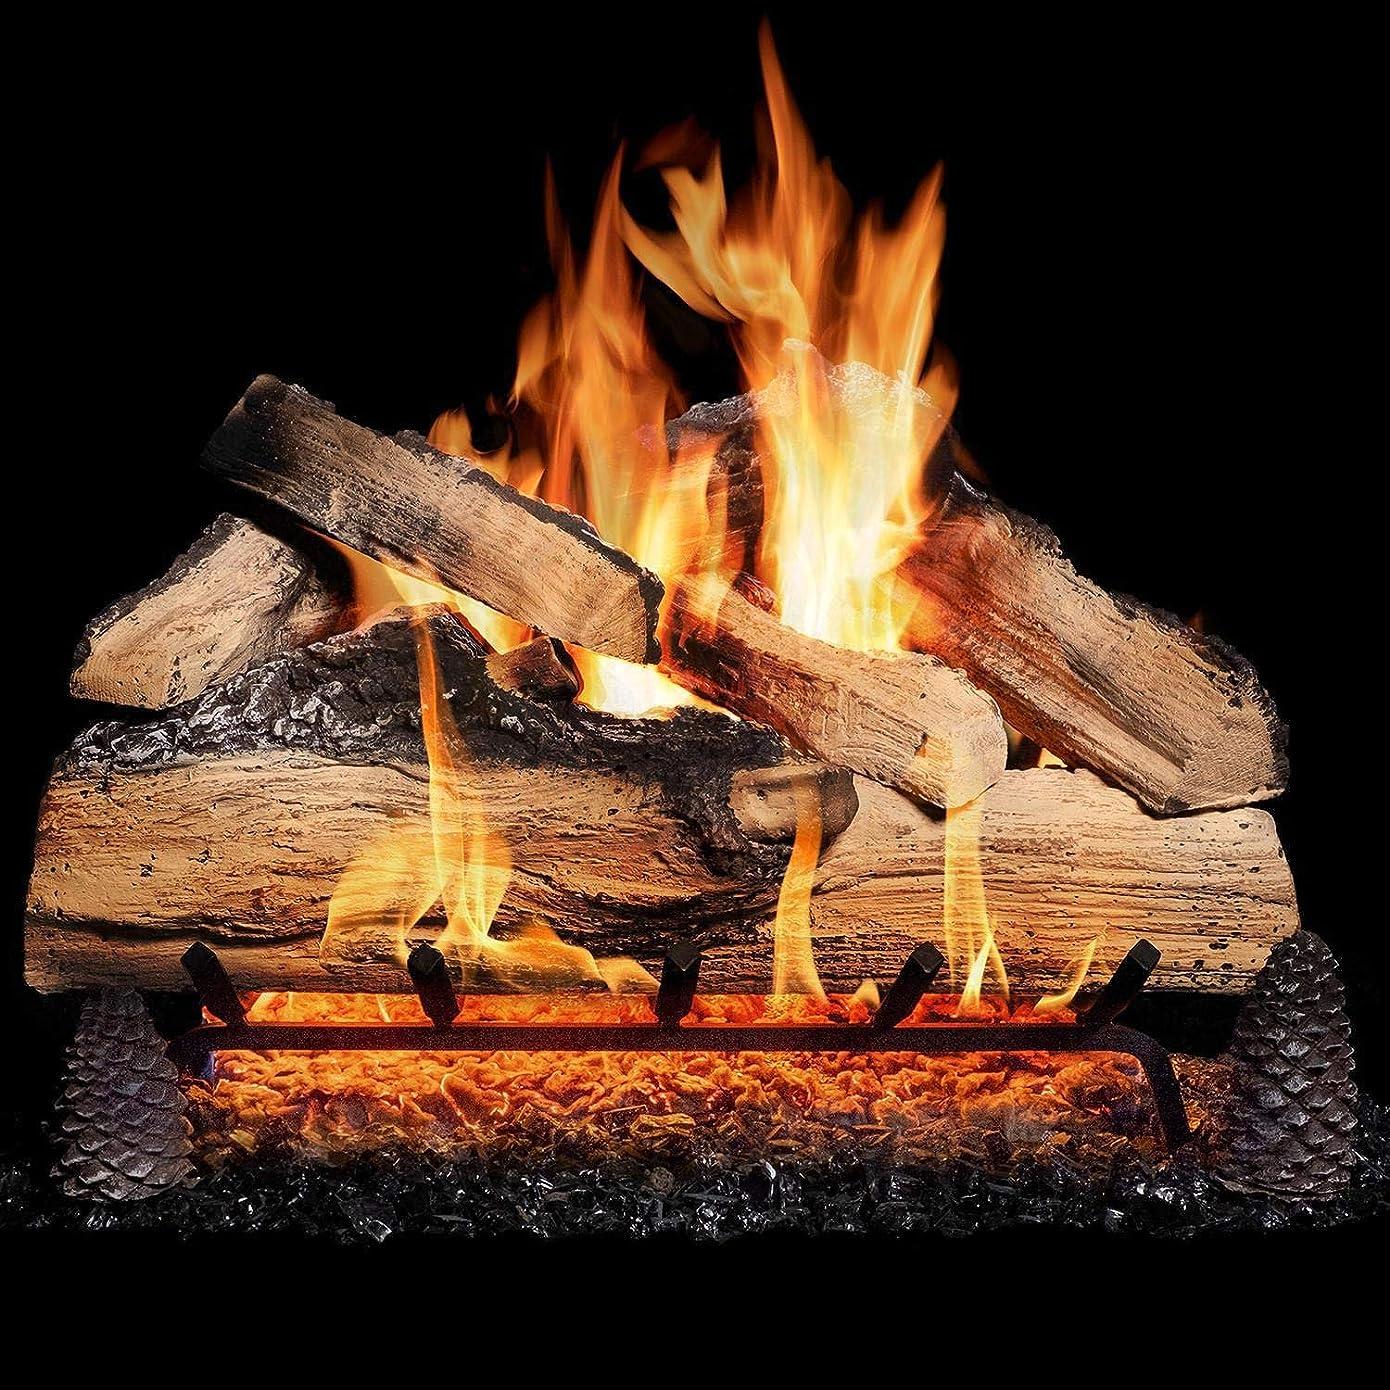 ピニオンダーリン共産主義者Alpine Flame 18インチGrand Mountain分割オークVented天然ガスログセット+ h-burner +基本的なon/offリモート